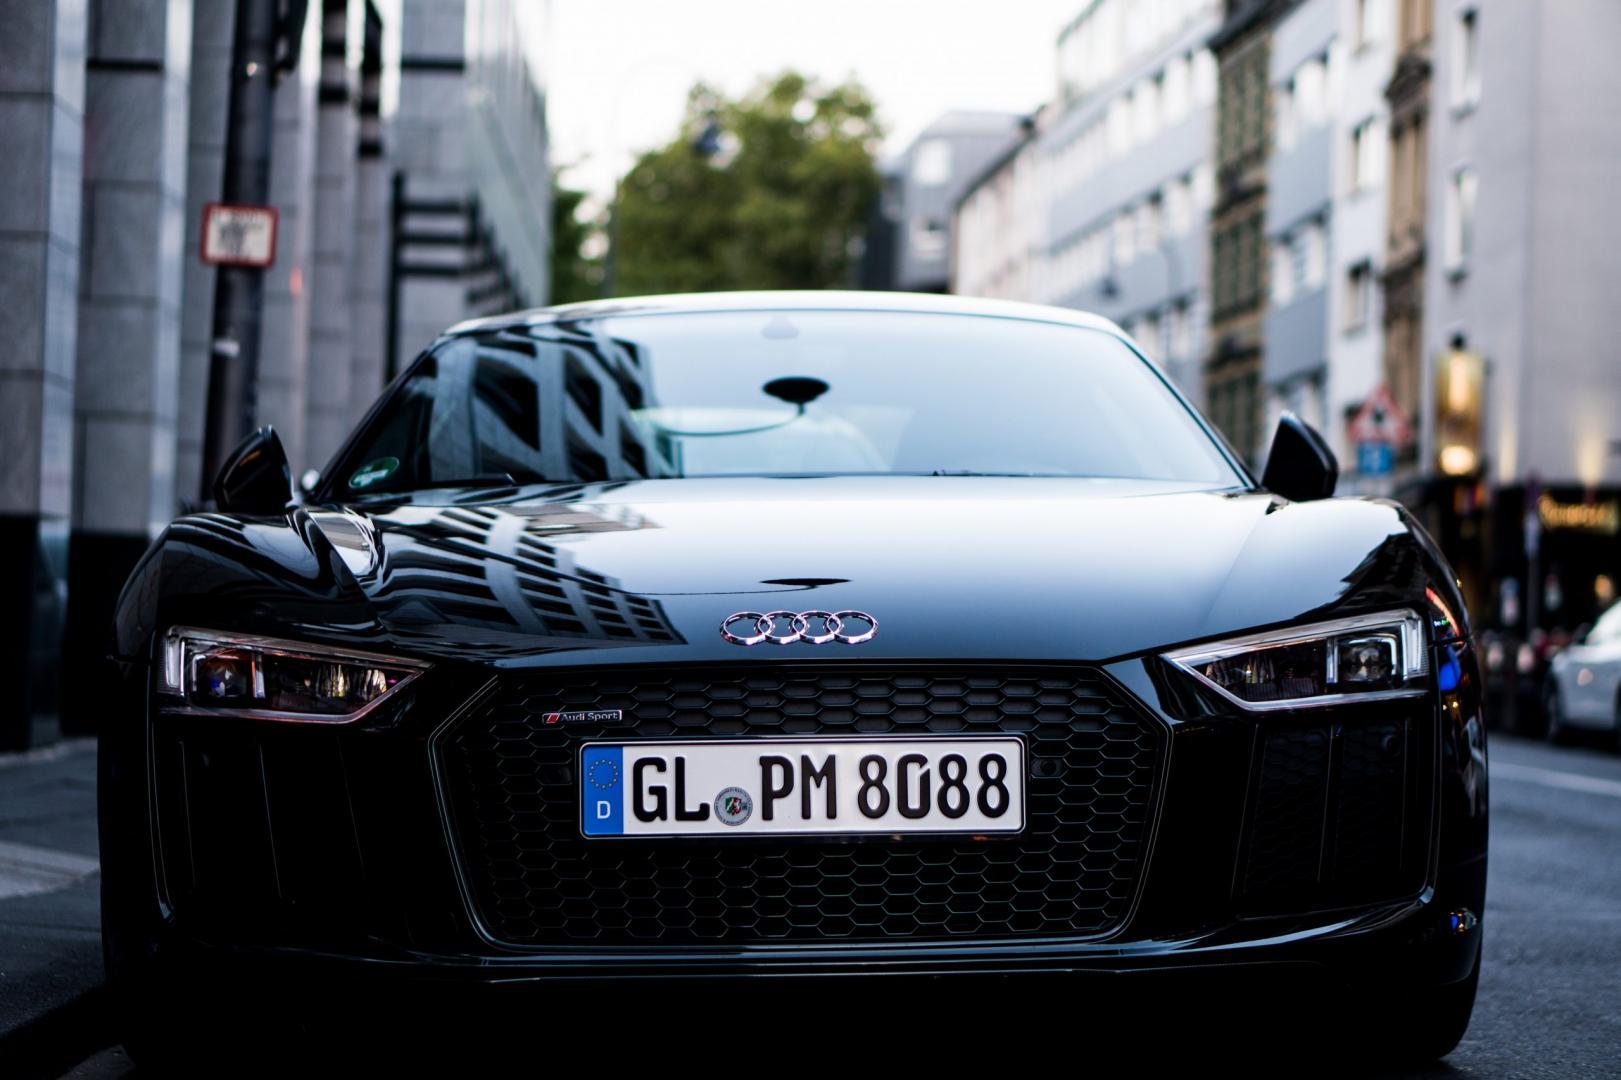 Audi R8 V10 Duitsland